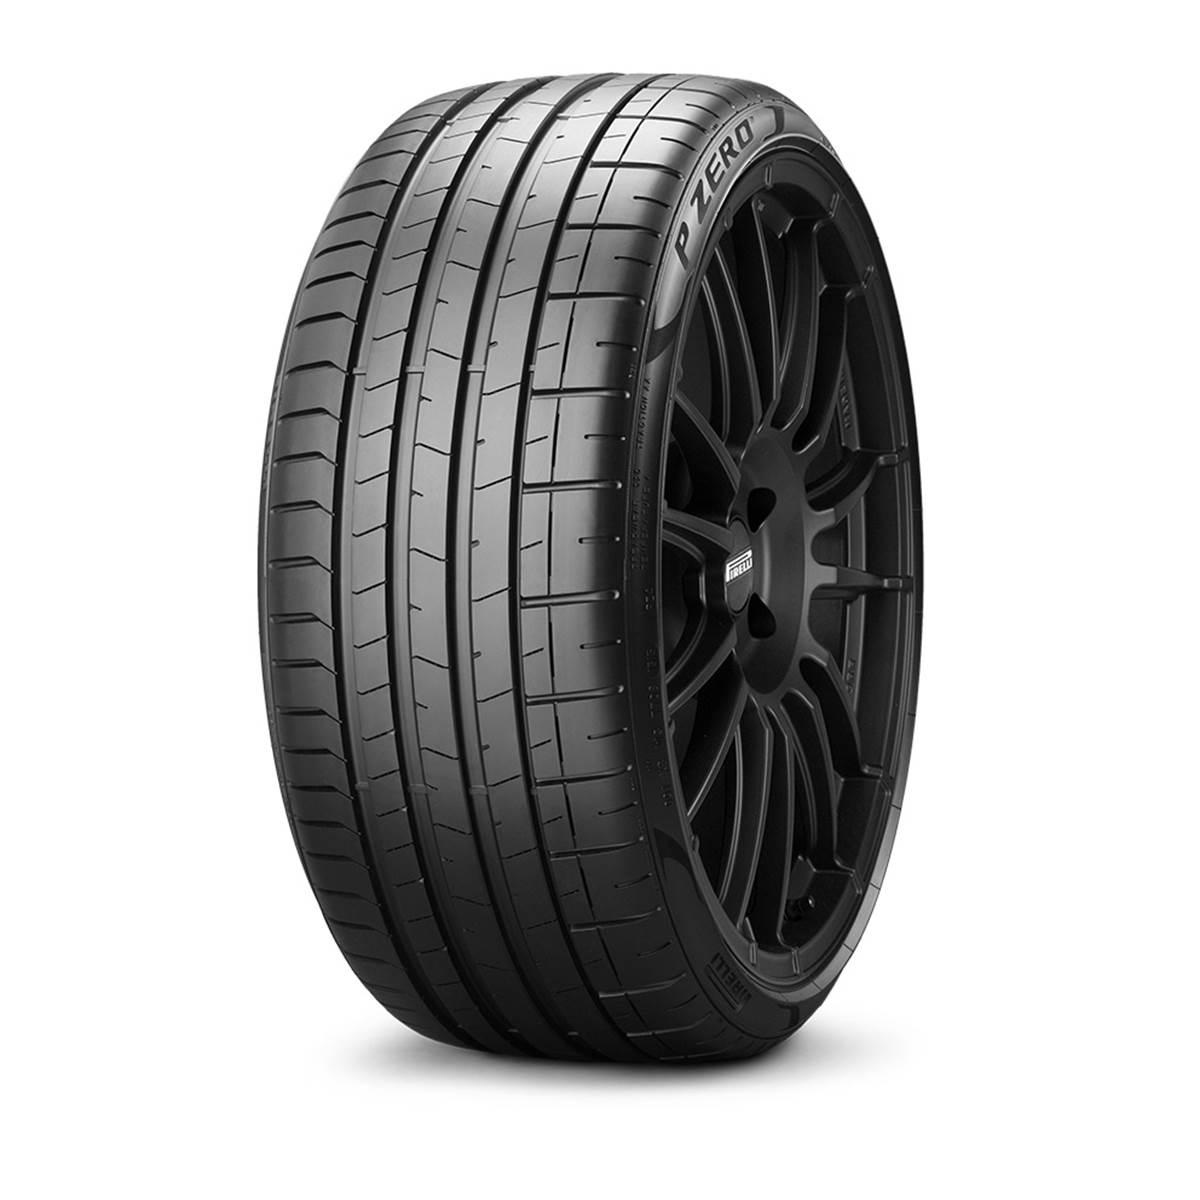 Pneu Pirelli 235/35R20 88Y Pzero